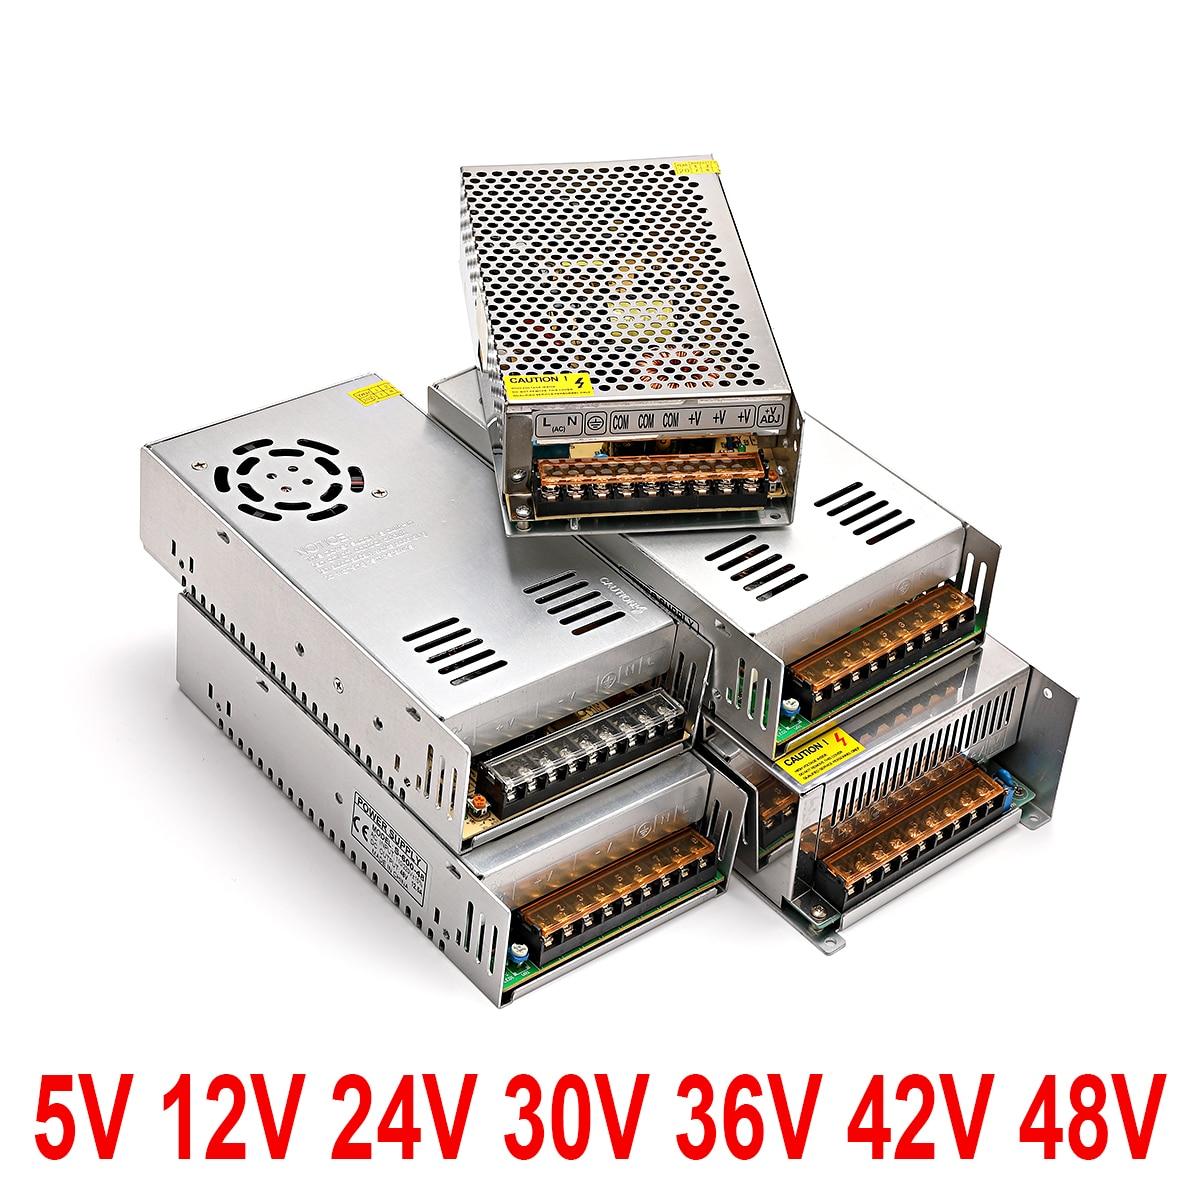 Switching power supply12V voltage 220Vto 2VAC-DC power supply 512 24V 36V AC-DC 220V to 5V 12V 24 V 36V 1A 5A 20A 30A light SUSW